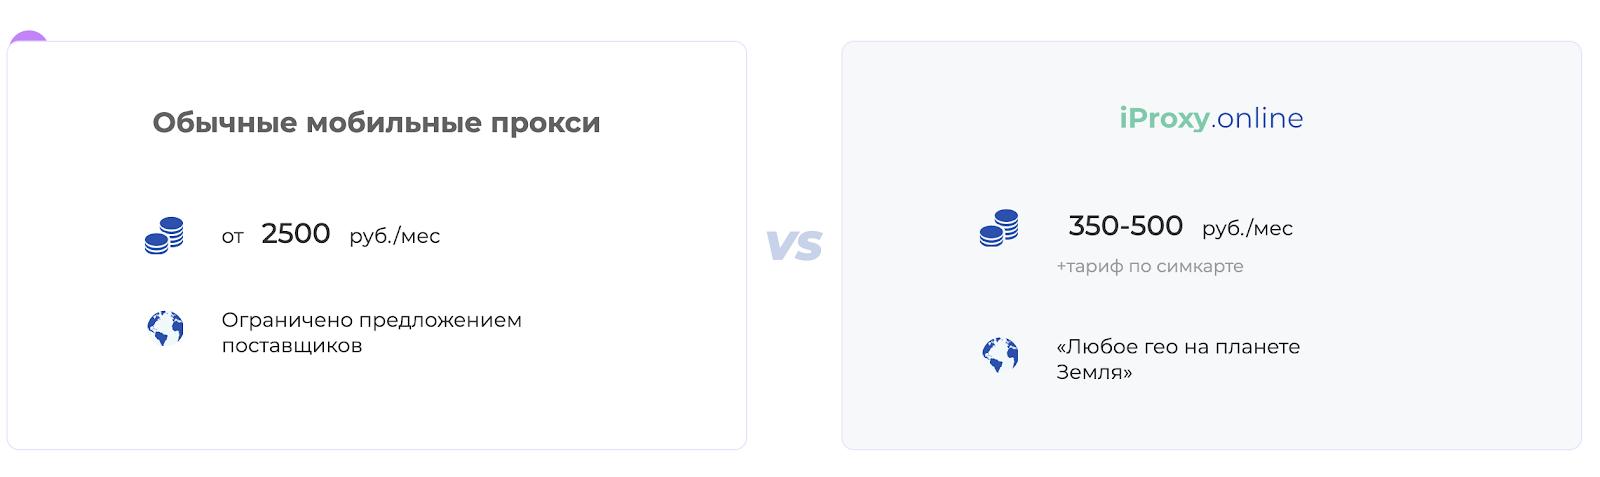 Сравнение iproxy.online